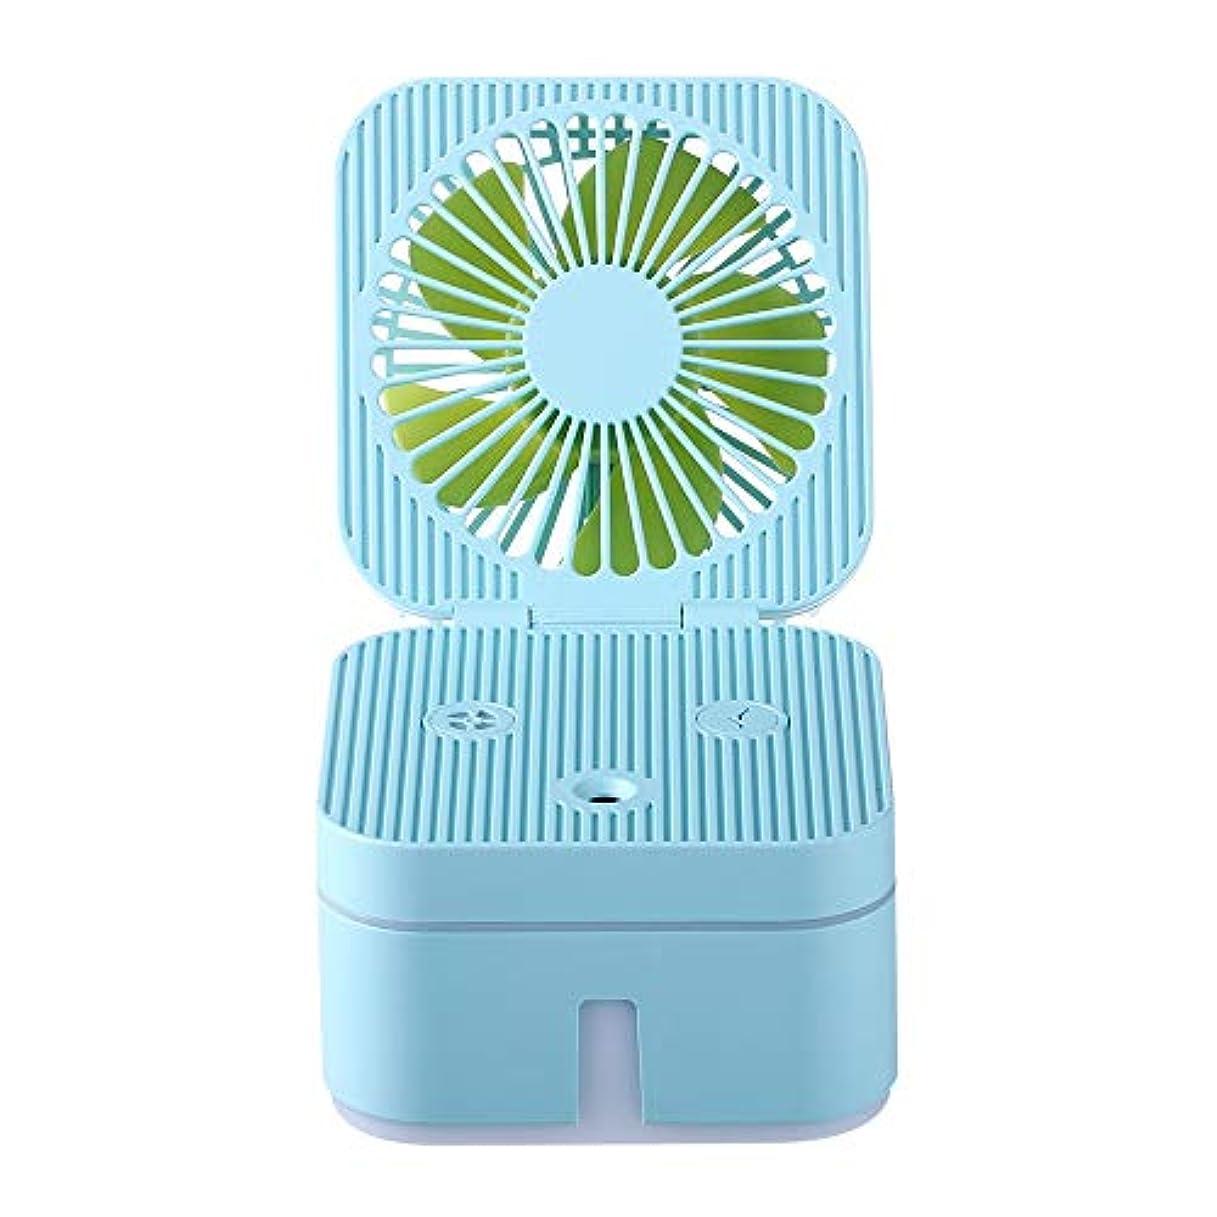 離婚コピーリダクターZXF 容量保湿美容機器ABS素材USB充電加湿器ウォータースプレーメーターブルー 滑らかである